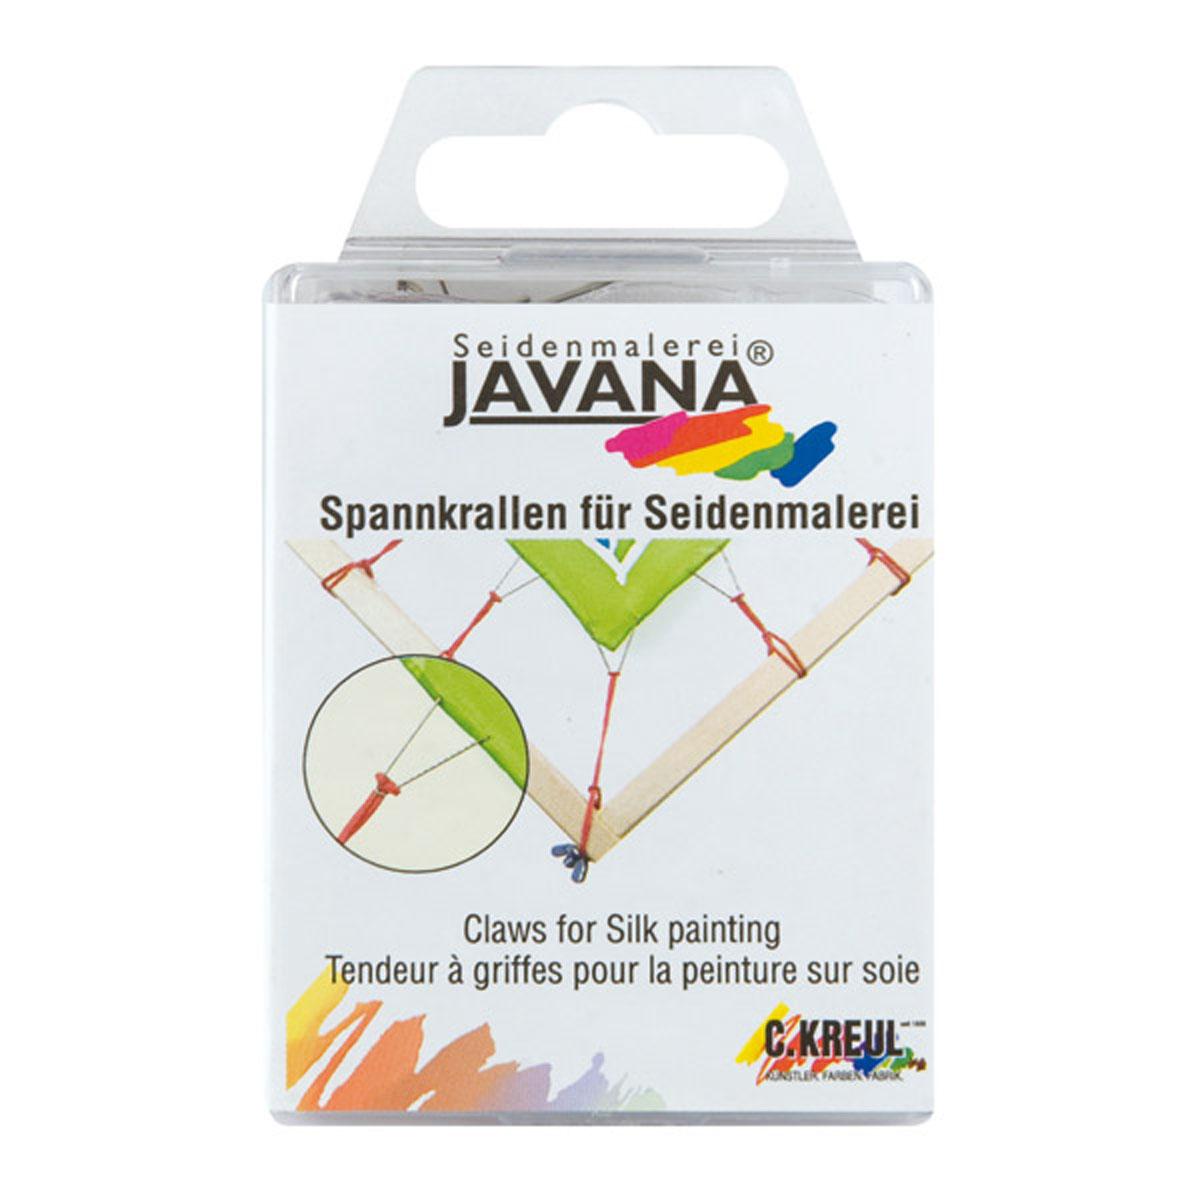 Крюки Kreul Javana, двузубые, 24 штKR-810024Крюки-двузубцы из нержавеющего металла для подрубленной ткани, с резинками для прикрепления к раме. В наборе 24 штуки.